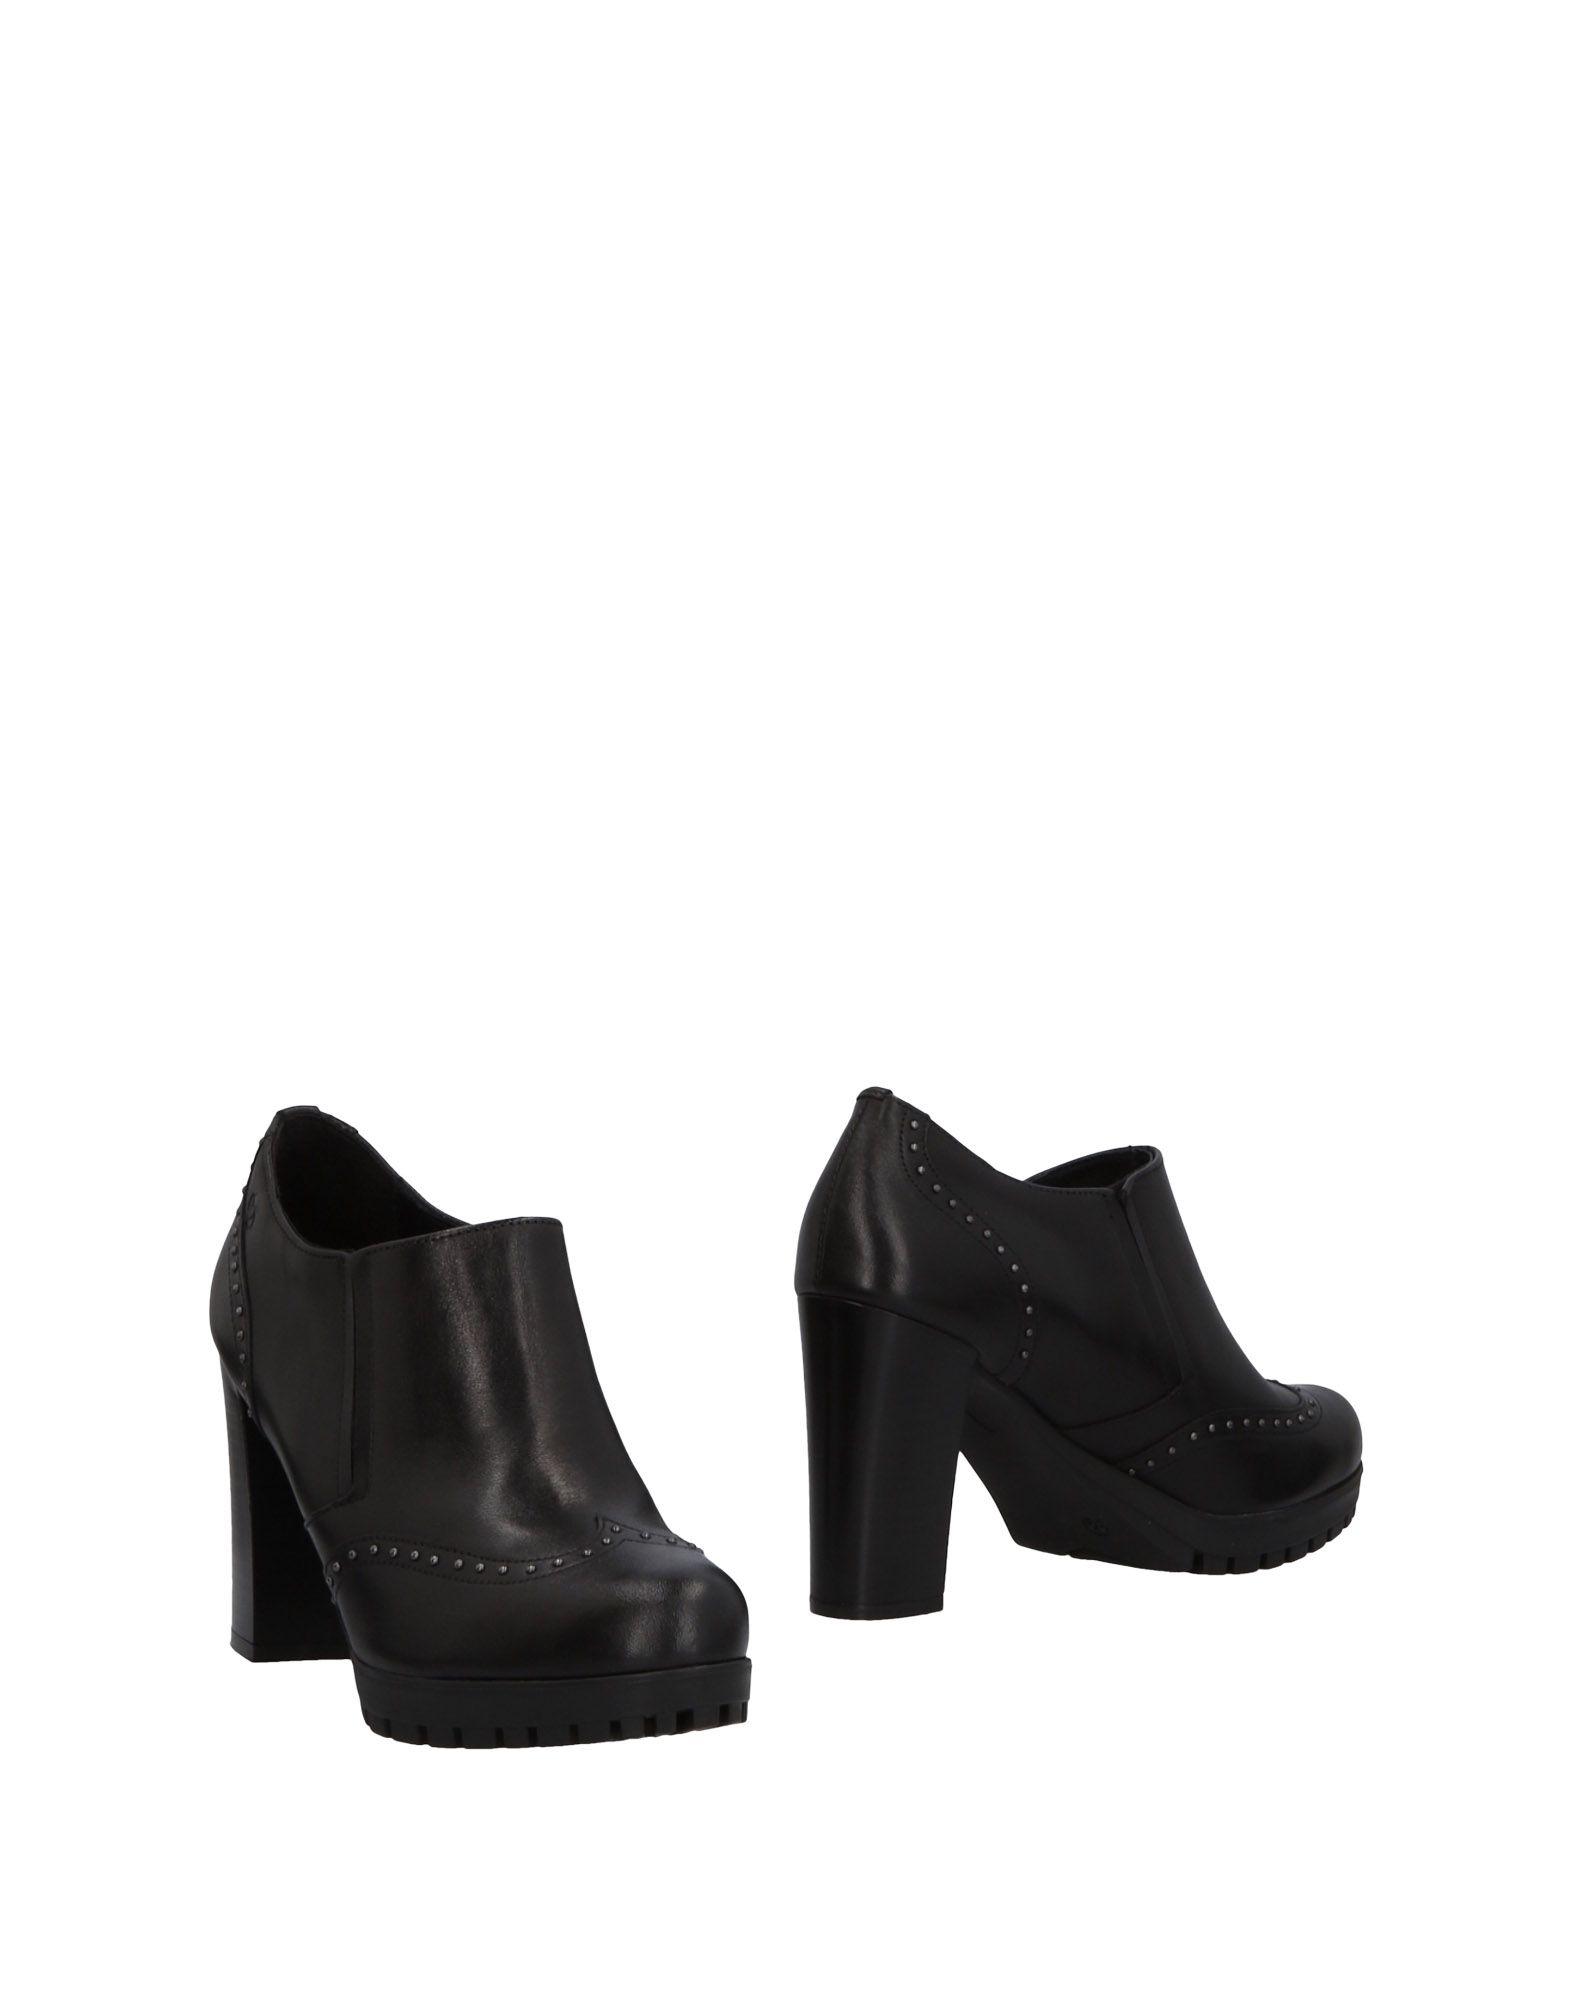 Samsonite Stiefelette Damen Qualität  11469764NR Gute Qualität Damen beliebte Schuhe c6f318